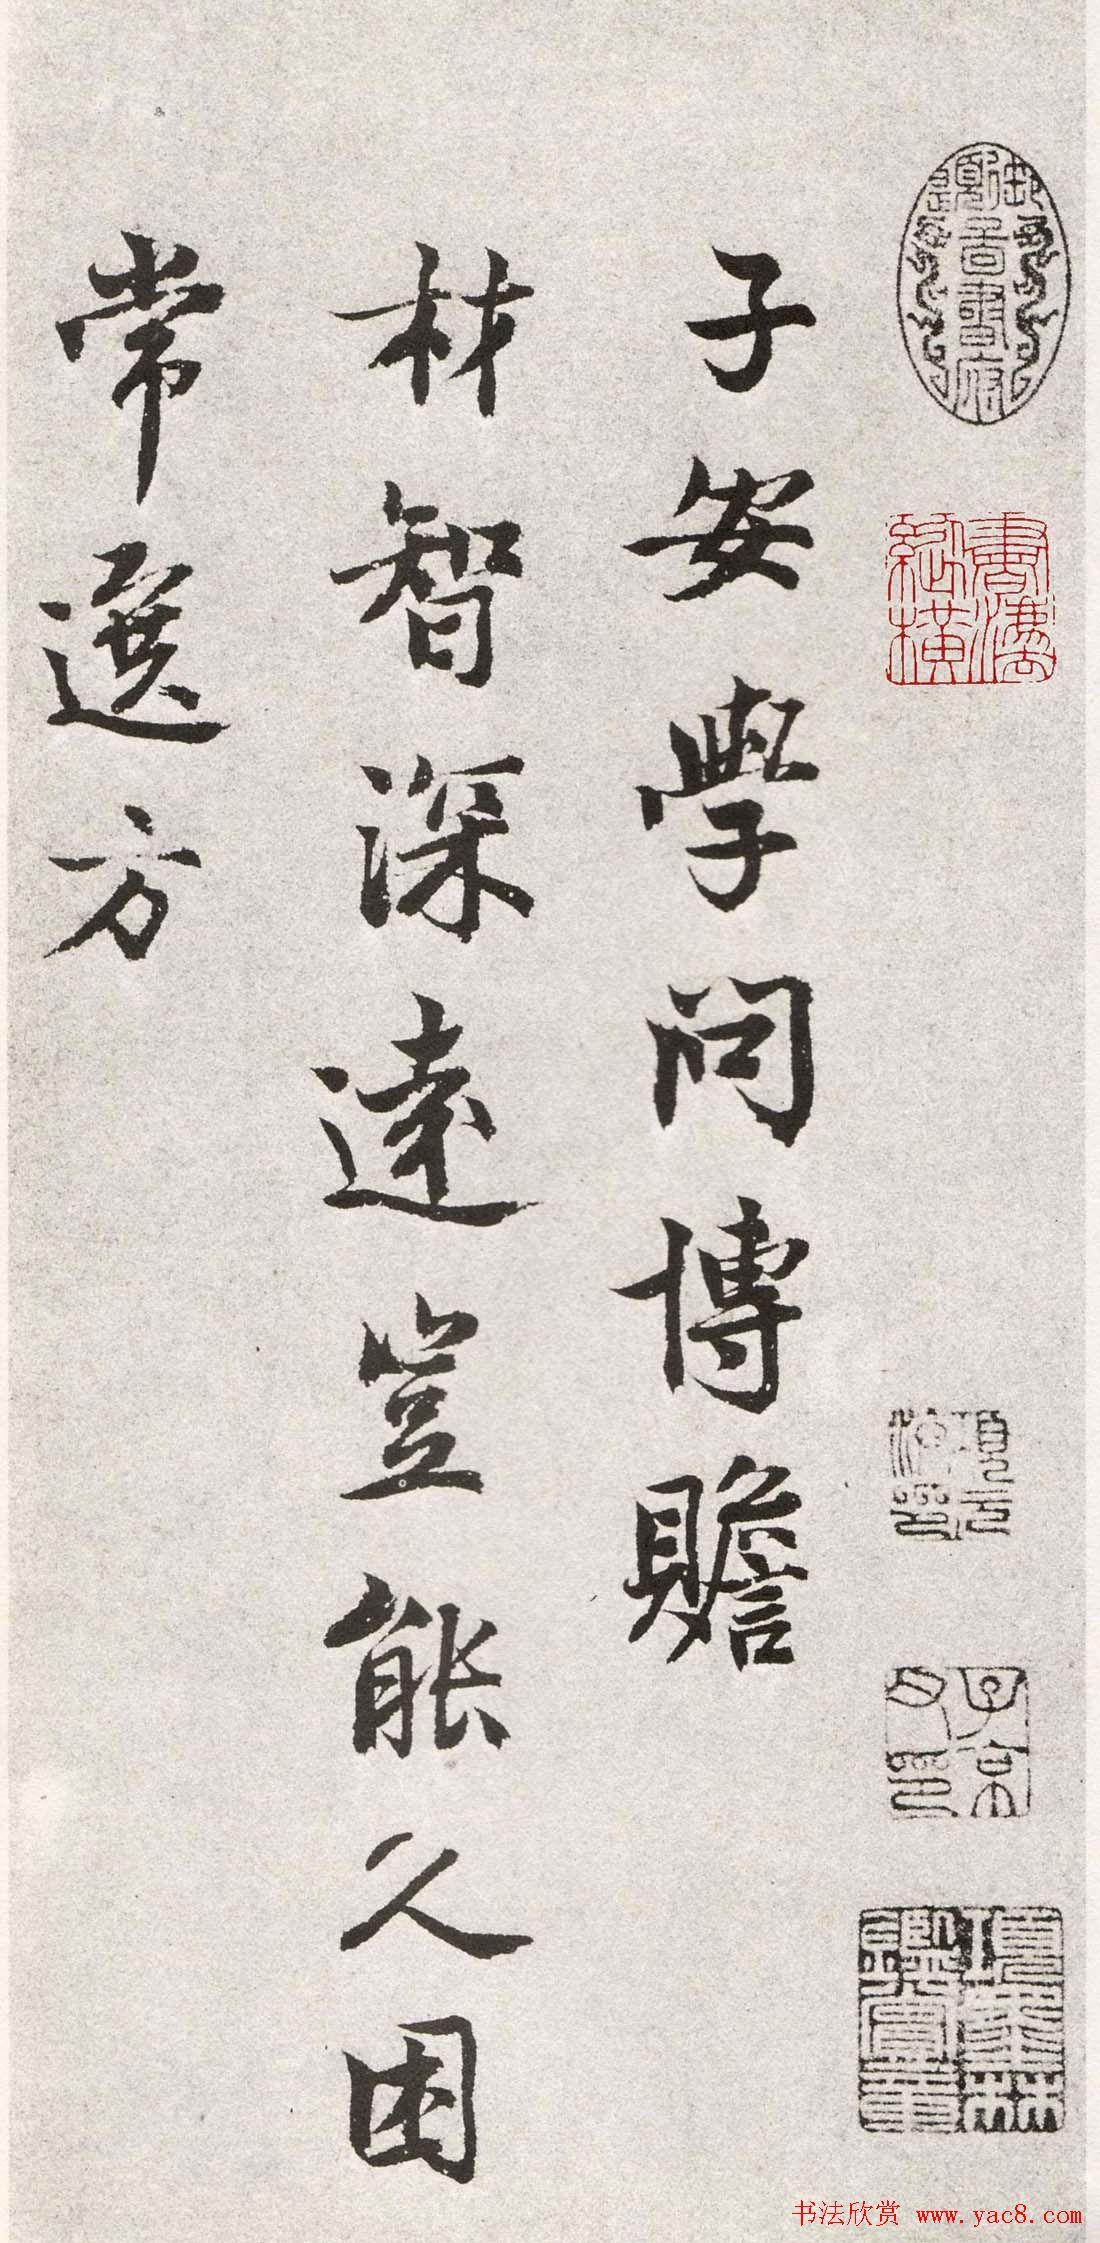 吕公弼行书尺牍欣赏《子安学问博赡》